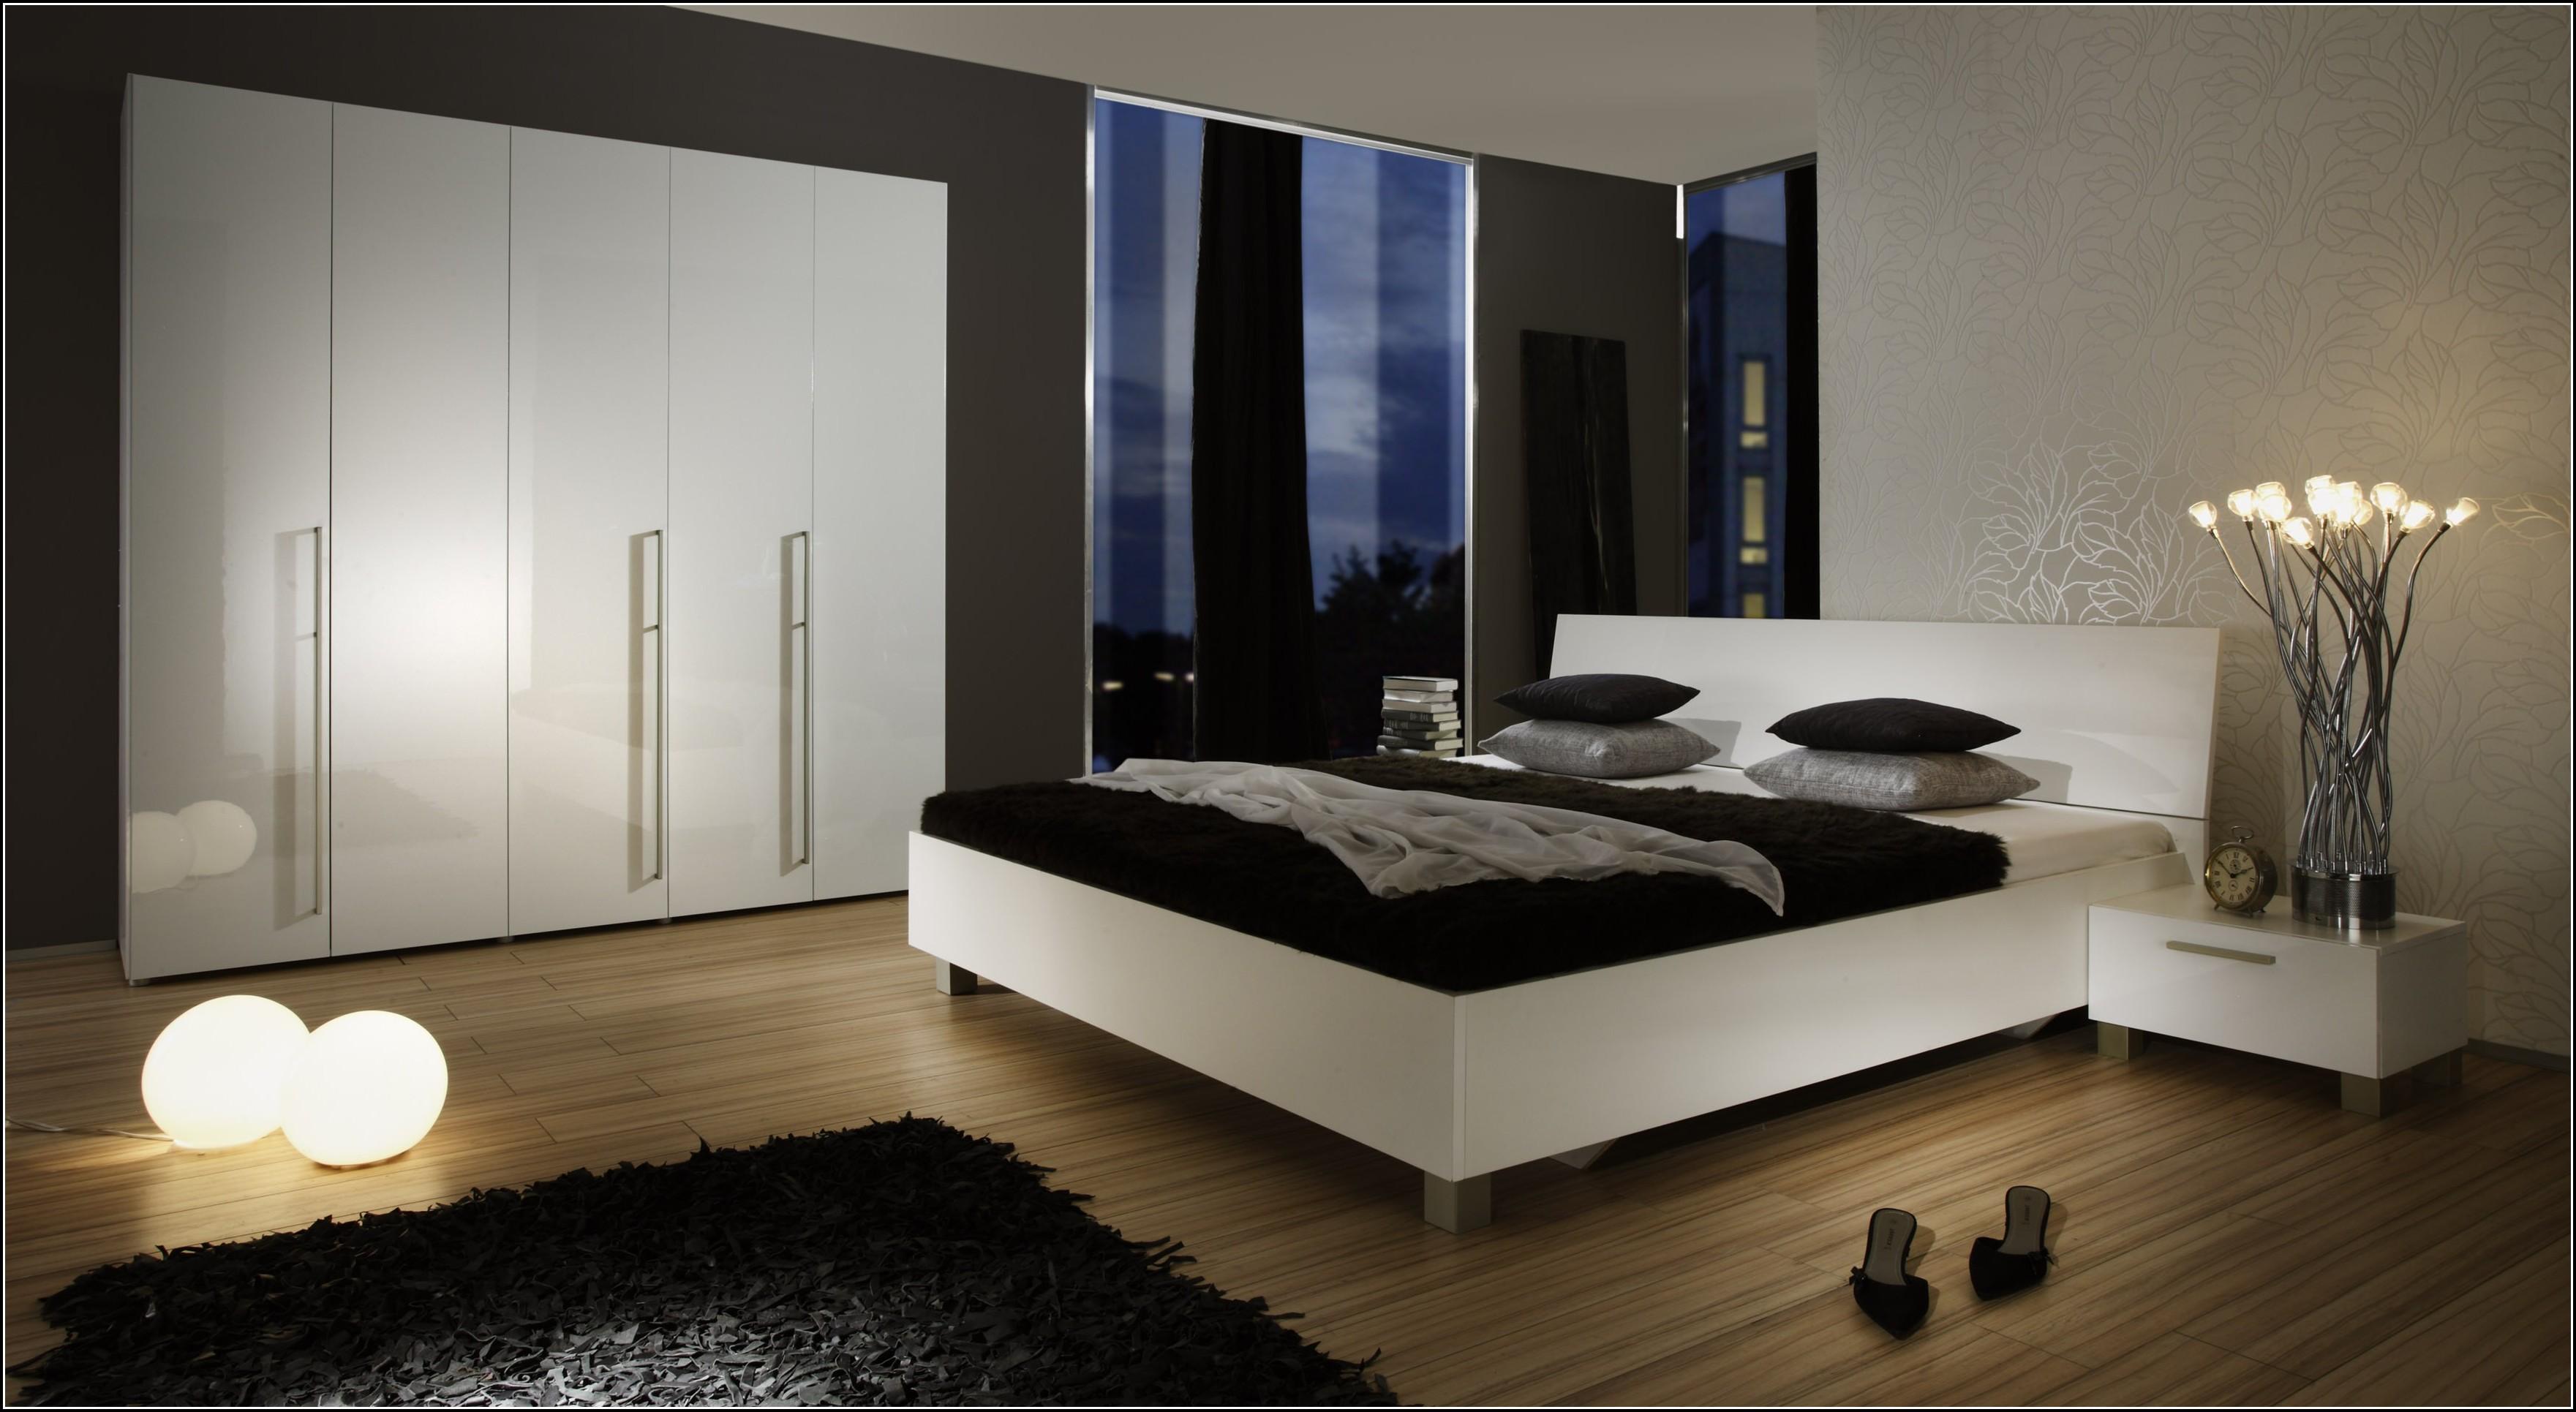 komplett schlafzimmer 140x200 bett schlafzimmerm bel schlafzimmer house und dekor galerie. Black Bedroom Furniture Sets. Home Design Ideas